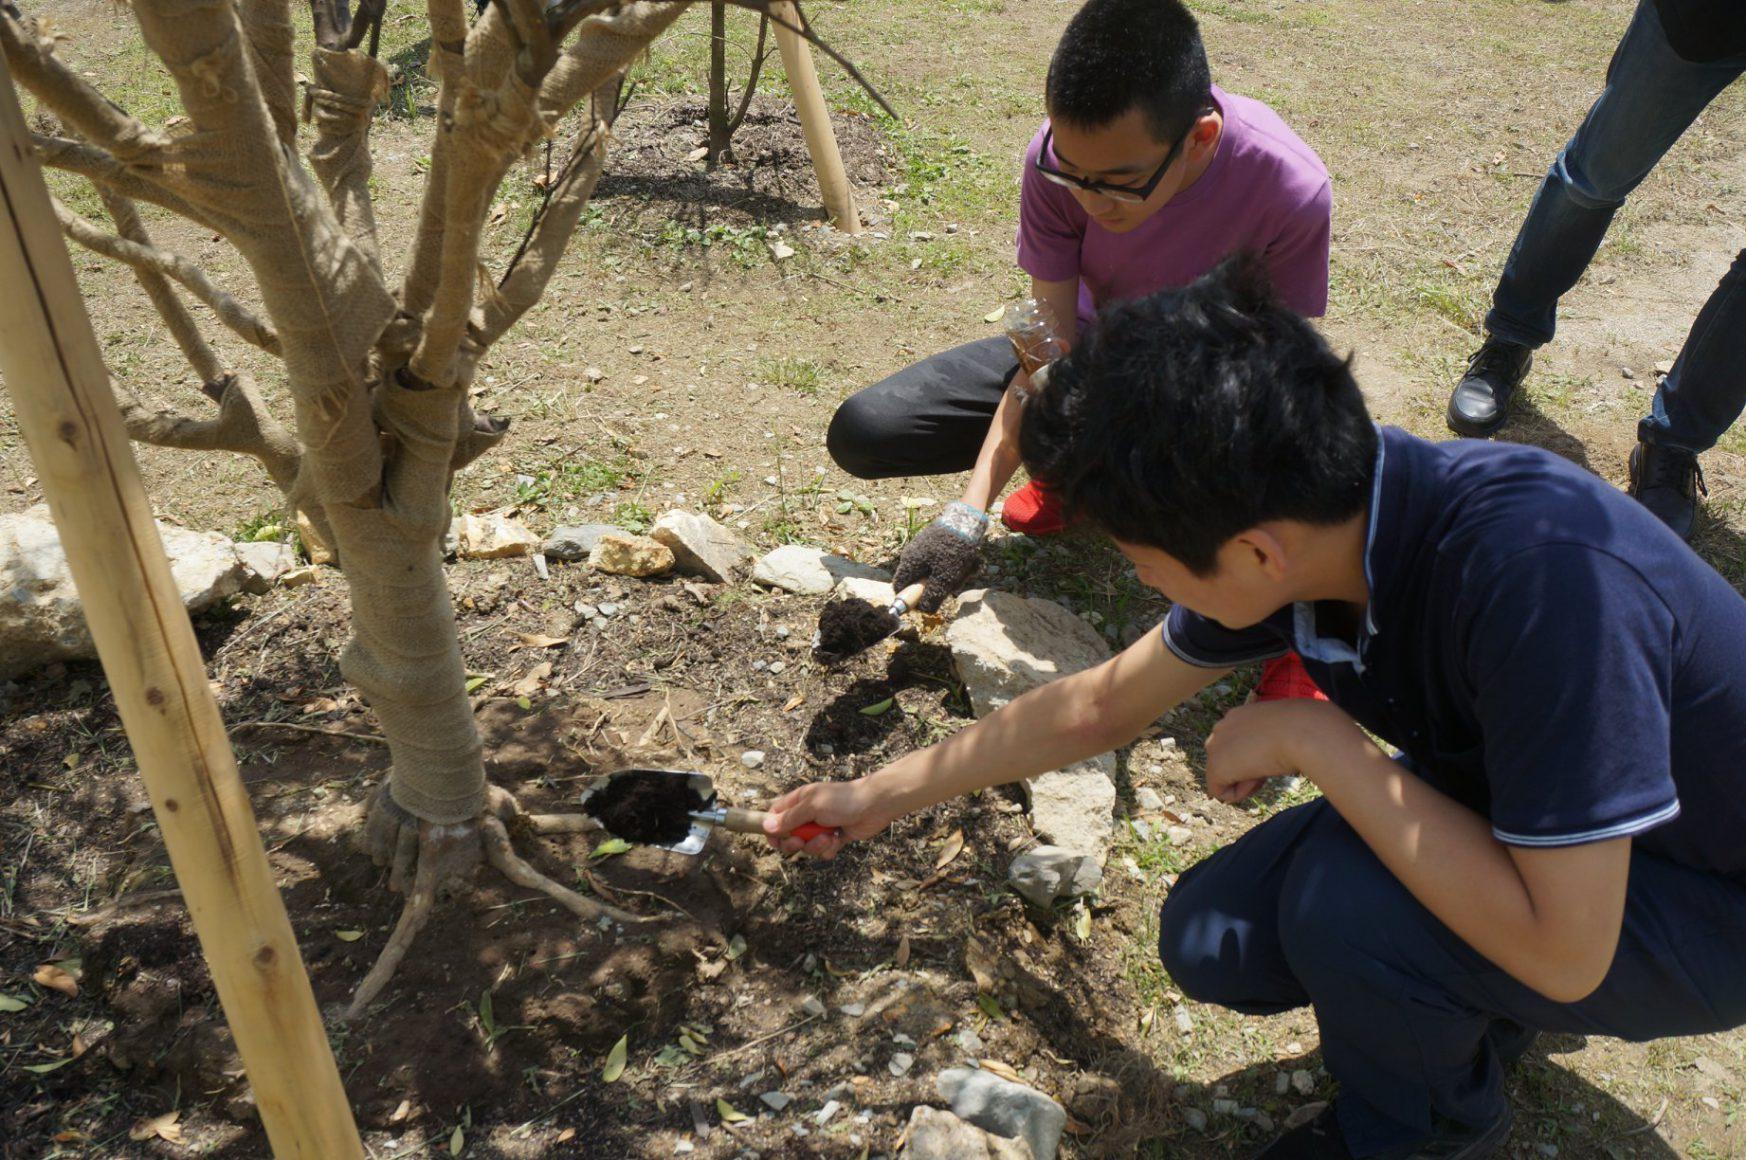 企画コンテストでいただいた樹木記念植樹式典を開催しました